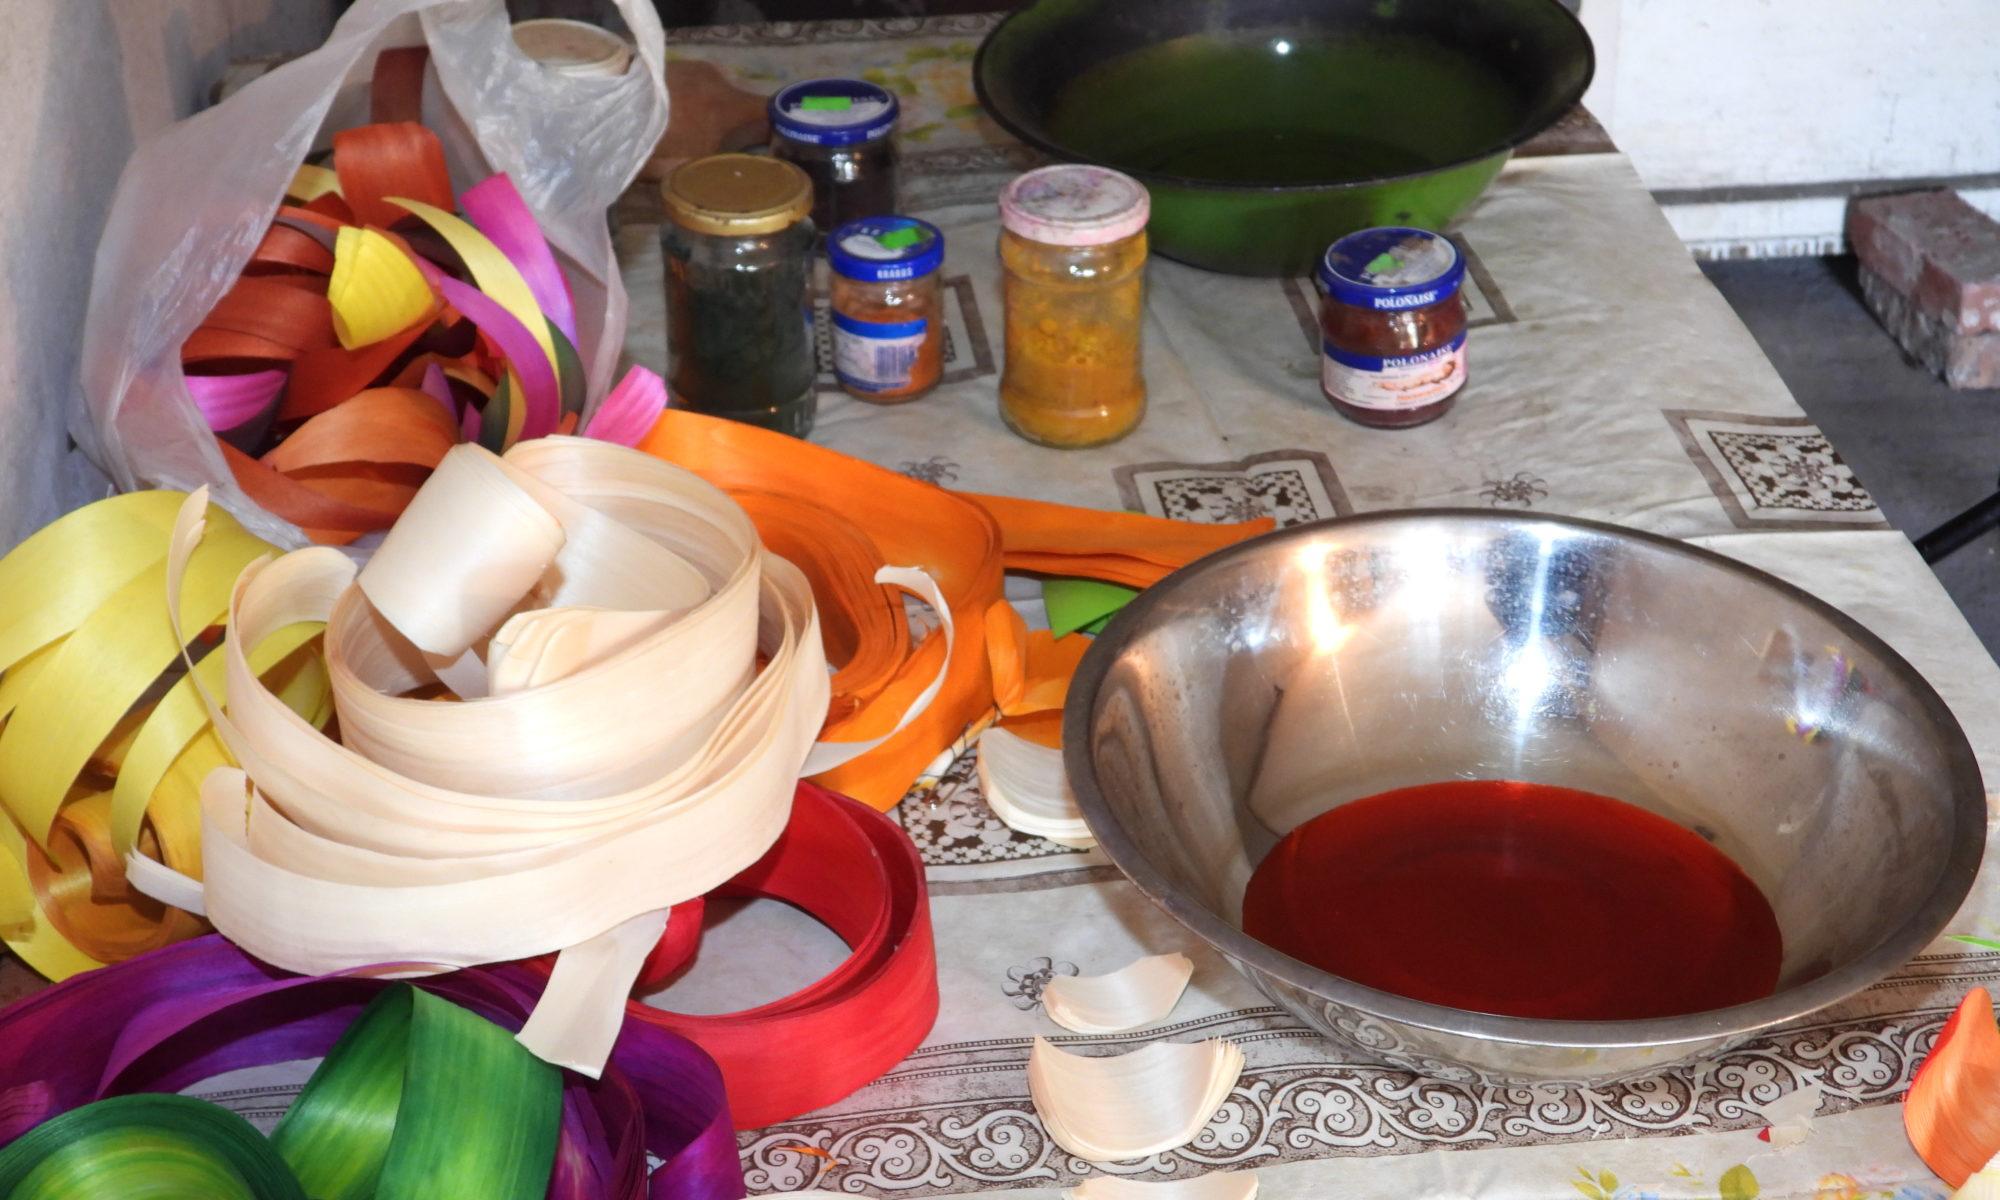 Na zdjeciu barwione wiórki osikowe, miska metalowa z czerwoną farbą, oraz barwniki w proszku w słoikach